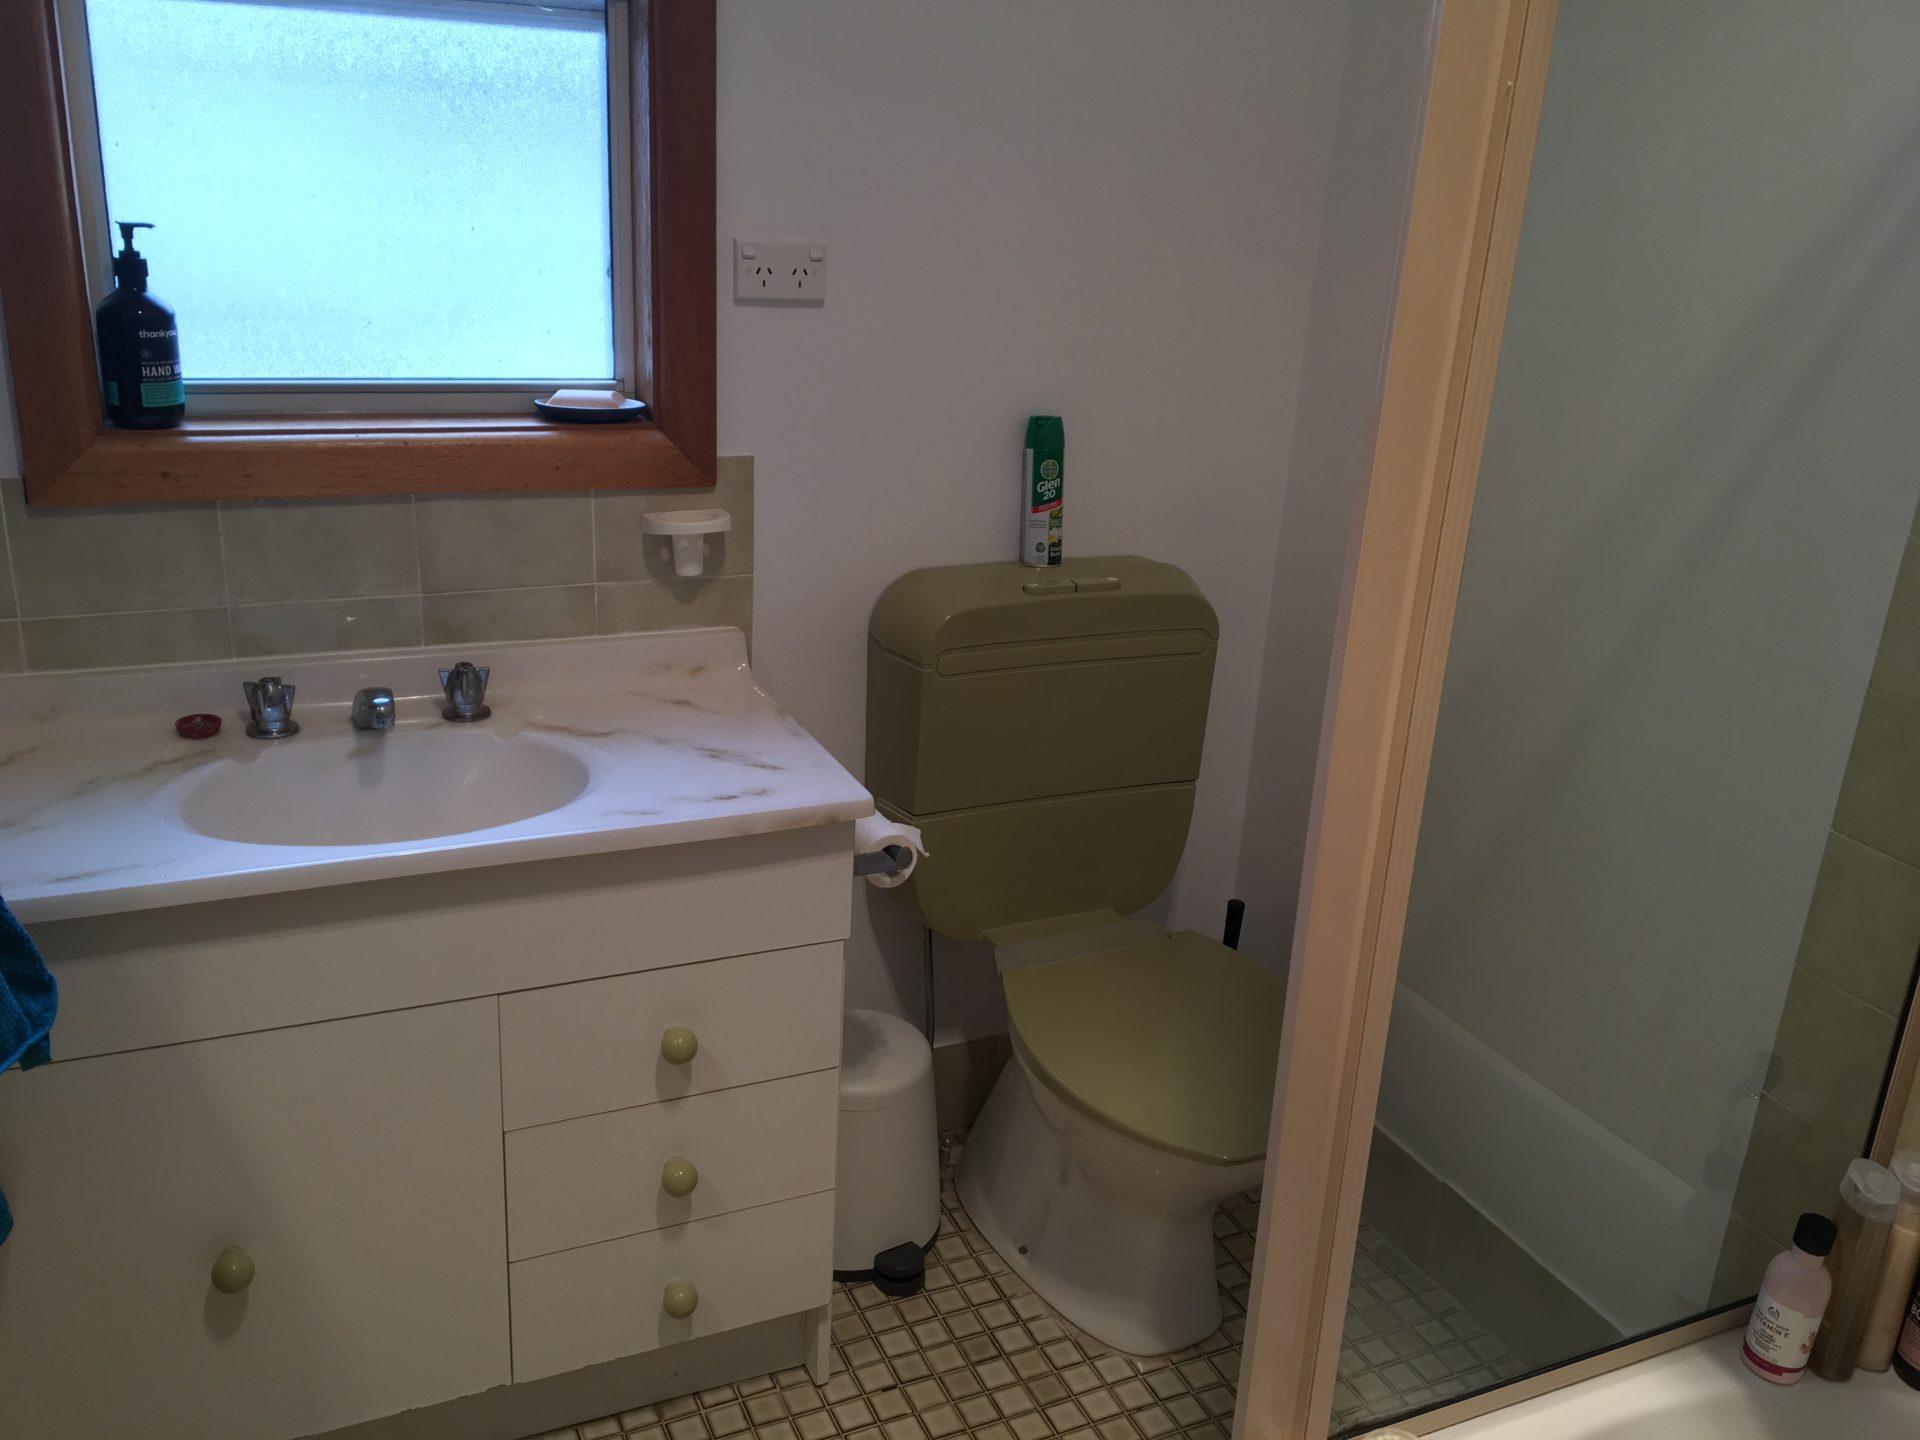 Stone & Wood Cottage, Old Adaminaby - Bathroom